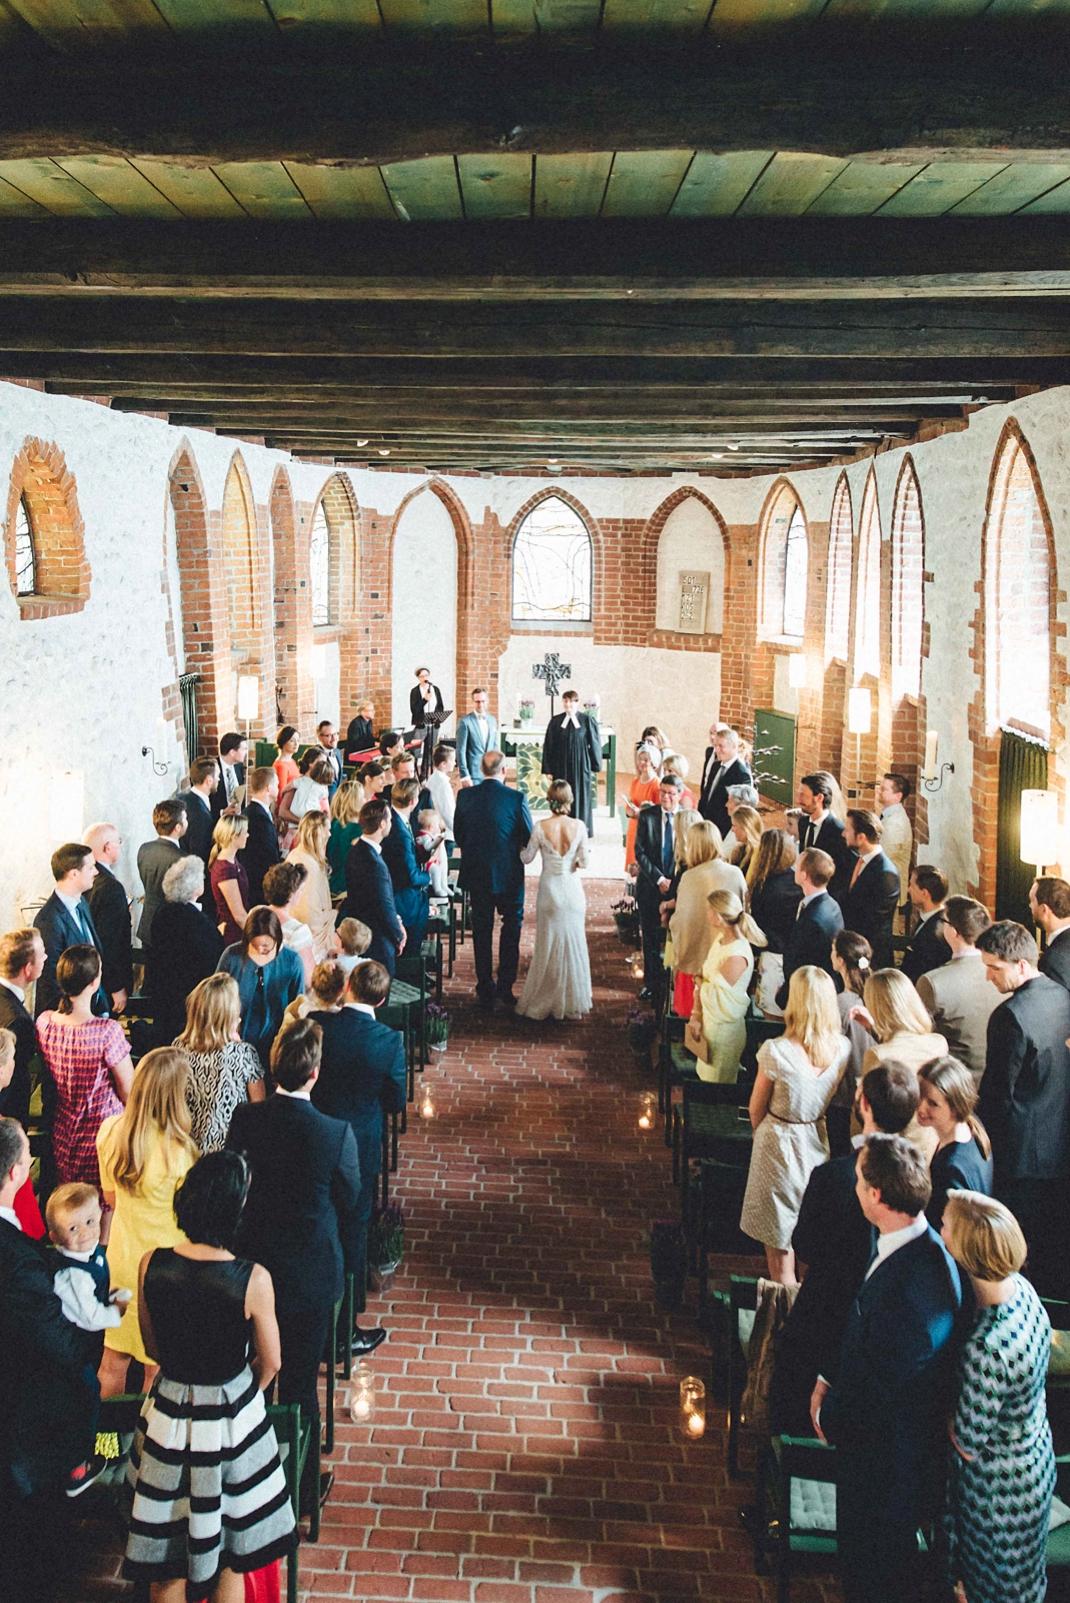 landhochzeit-heide-diy_0165 Hochzeitsfotograf Lüneburger heideChristiane & Lars Hochzeit auf dem Stimbekhof in der Lüneburgerheidelandhochzeit heide diy 0165